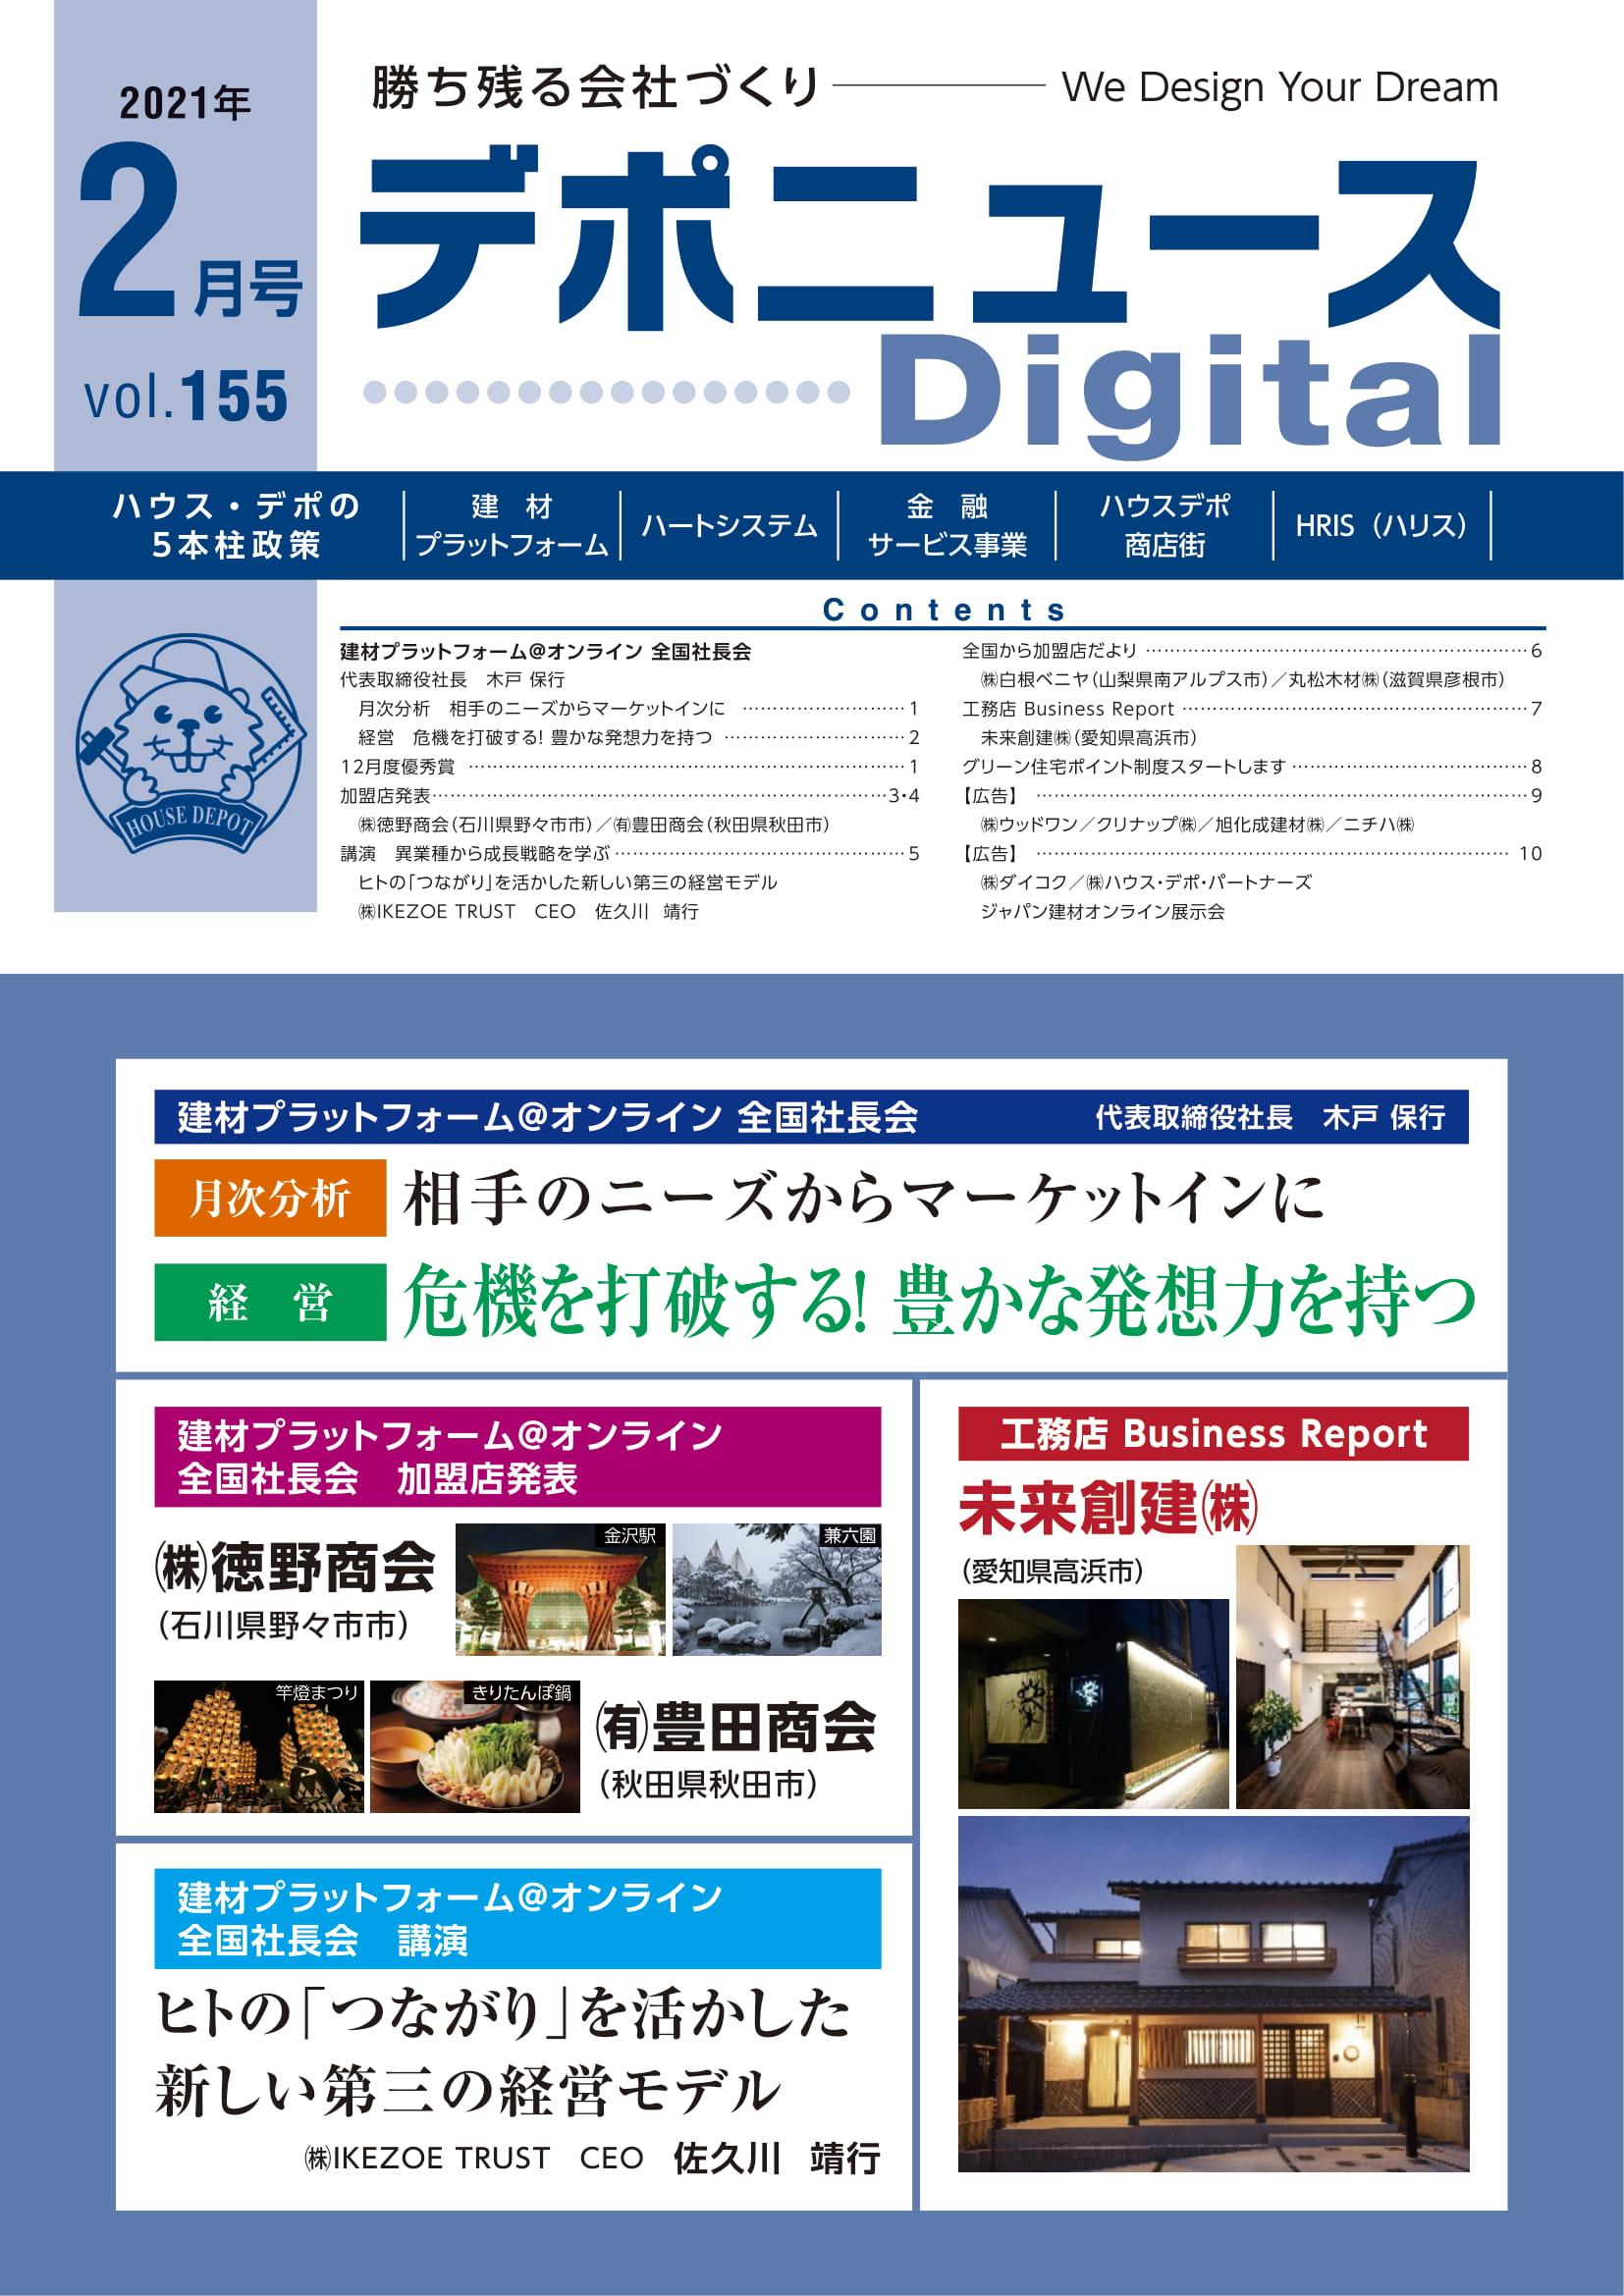 デポニュースDIGITAL Vol.155